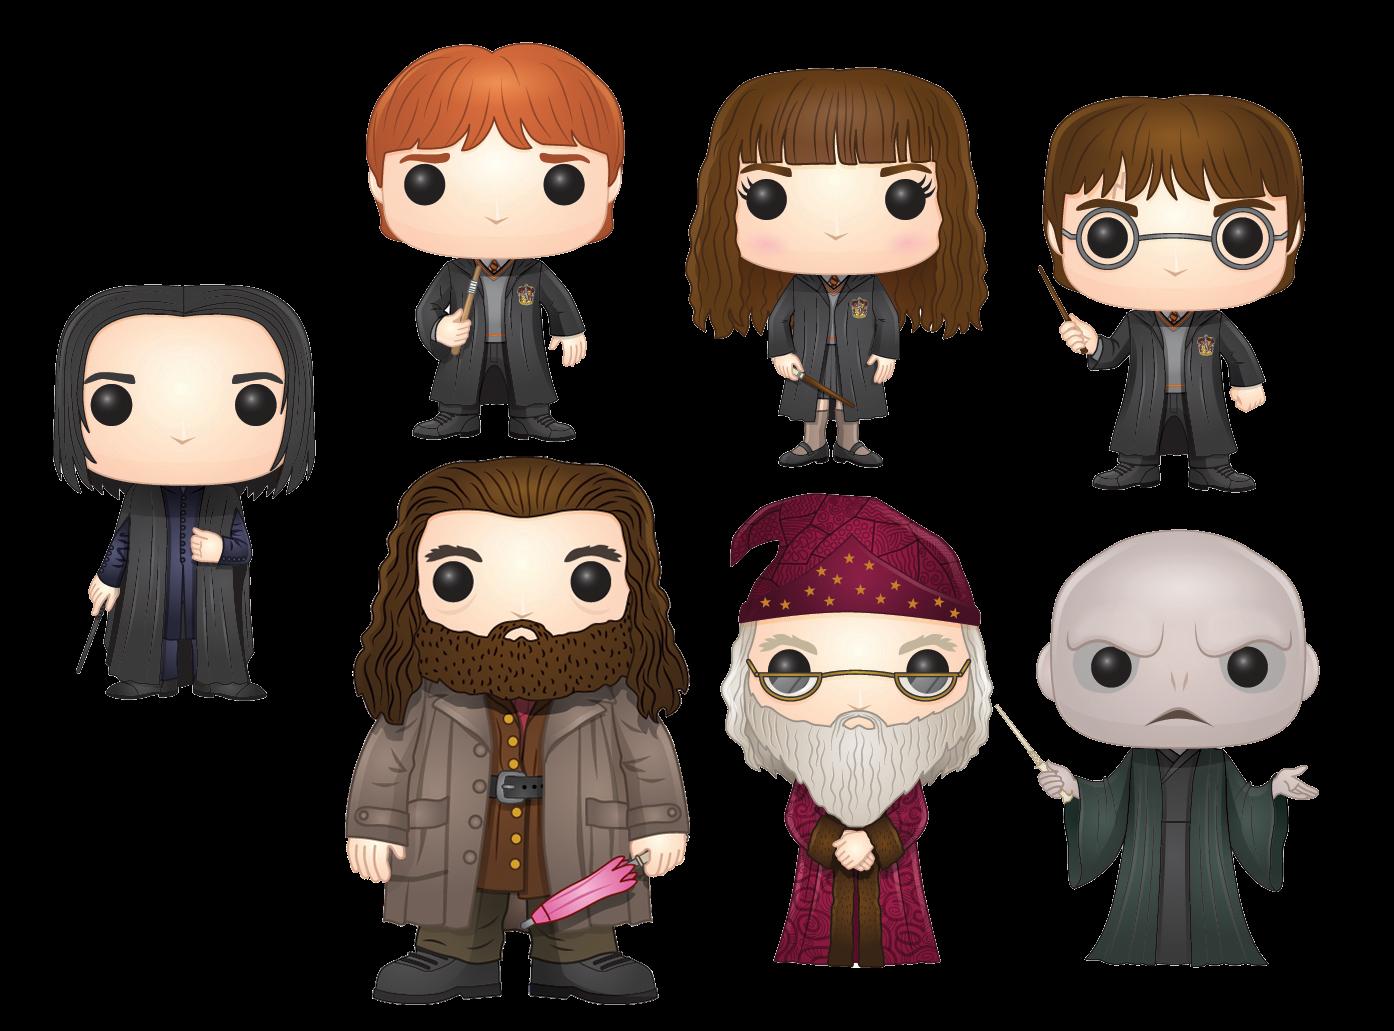 El Mejor Porter Para Colorear El Mejor Porter Para Imprimir: Imágenes De Harry Potter Chibi.